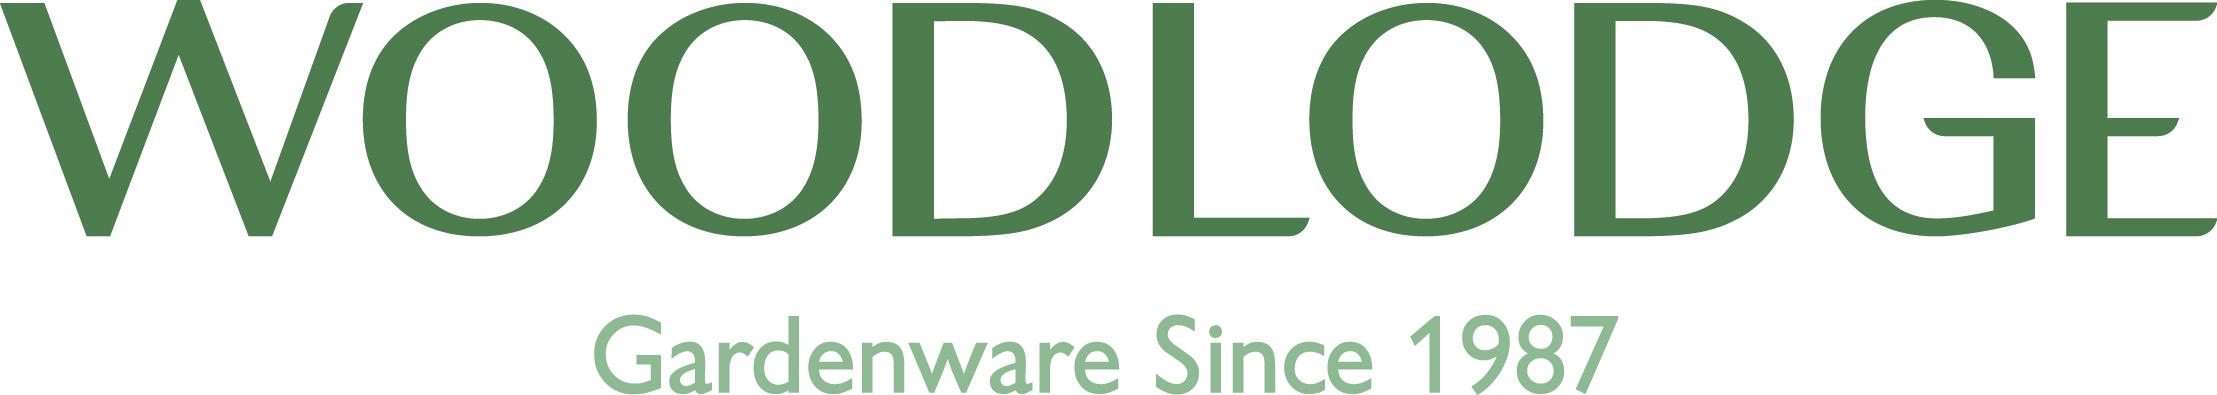 Woodlodge logo